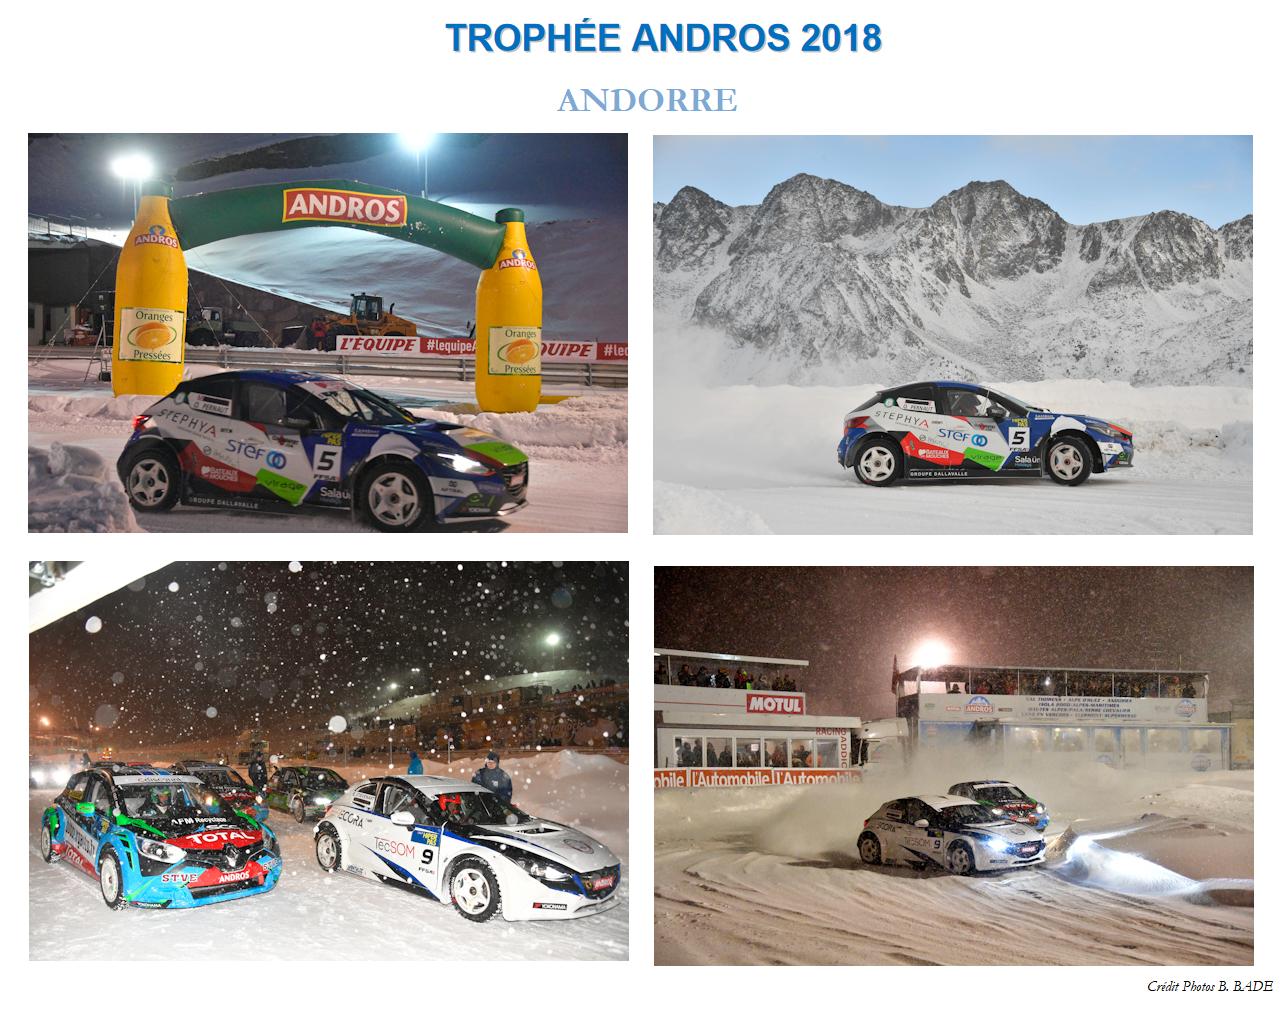 Trophée Andros 2018 Andorre1